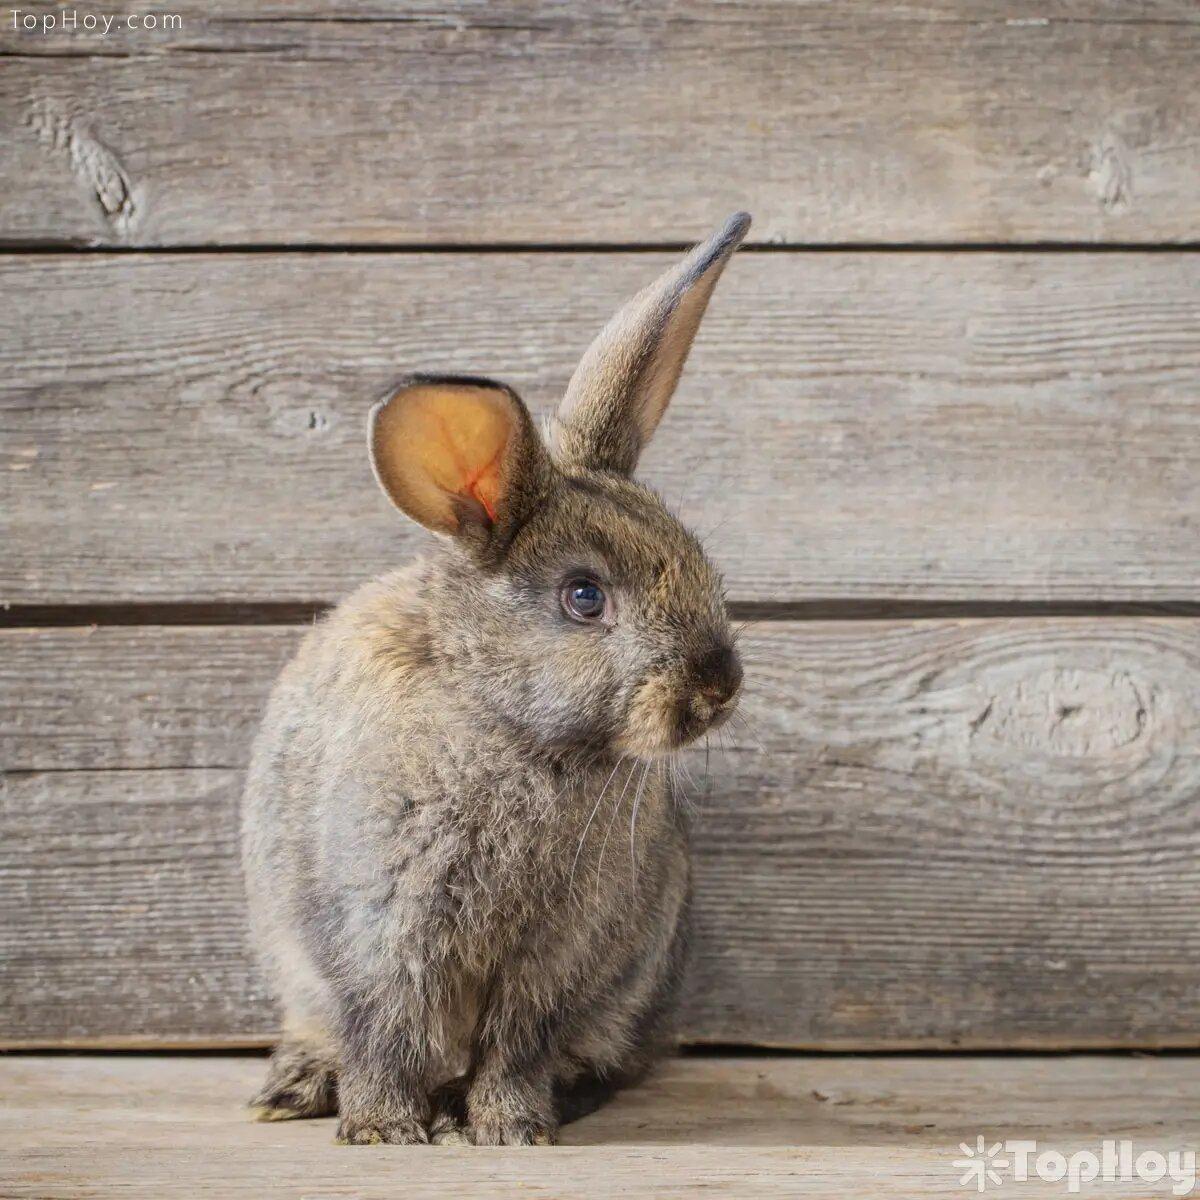 Los conejos pueden tener un promedio de vida de más de 10 años.